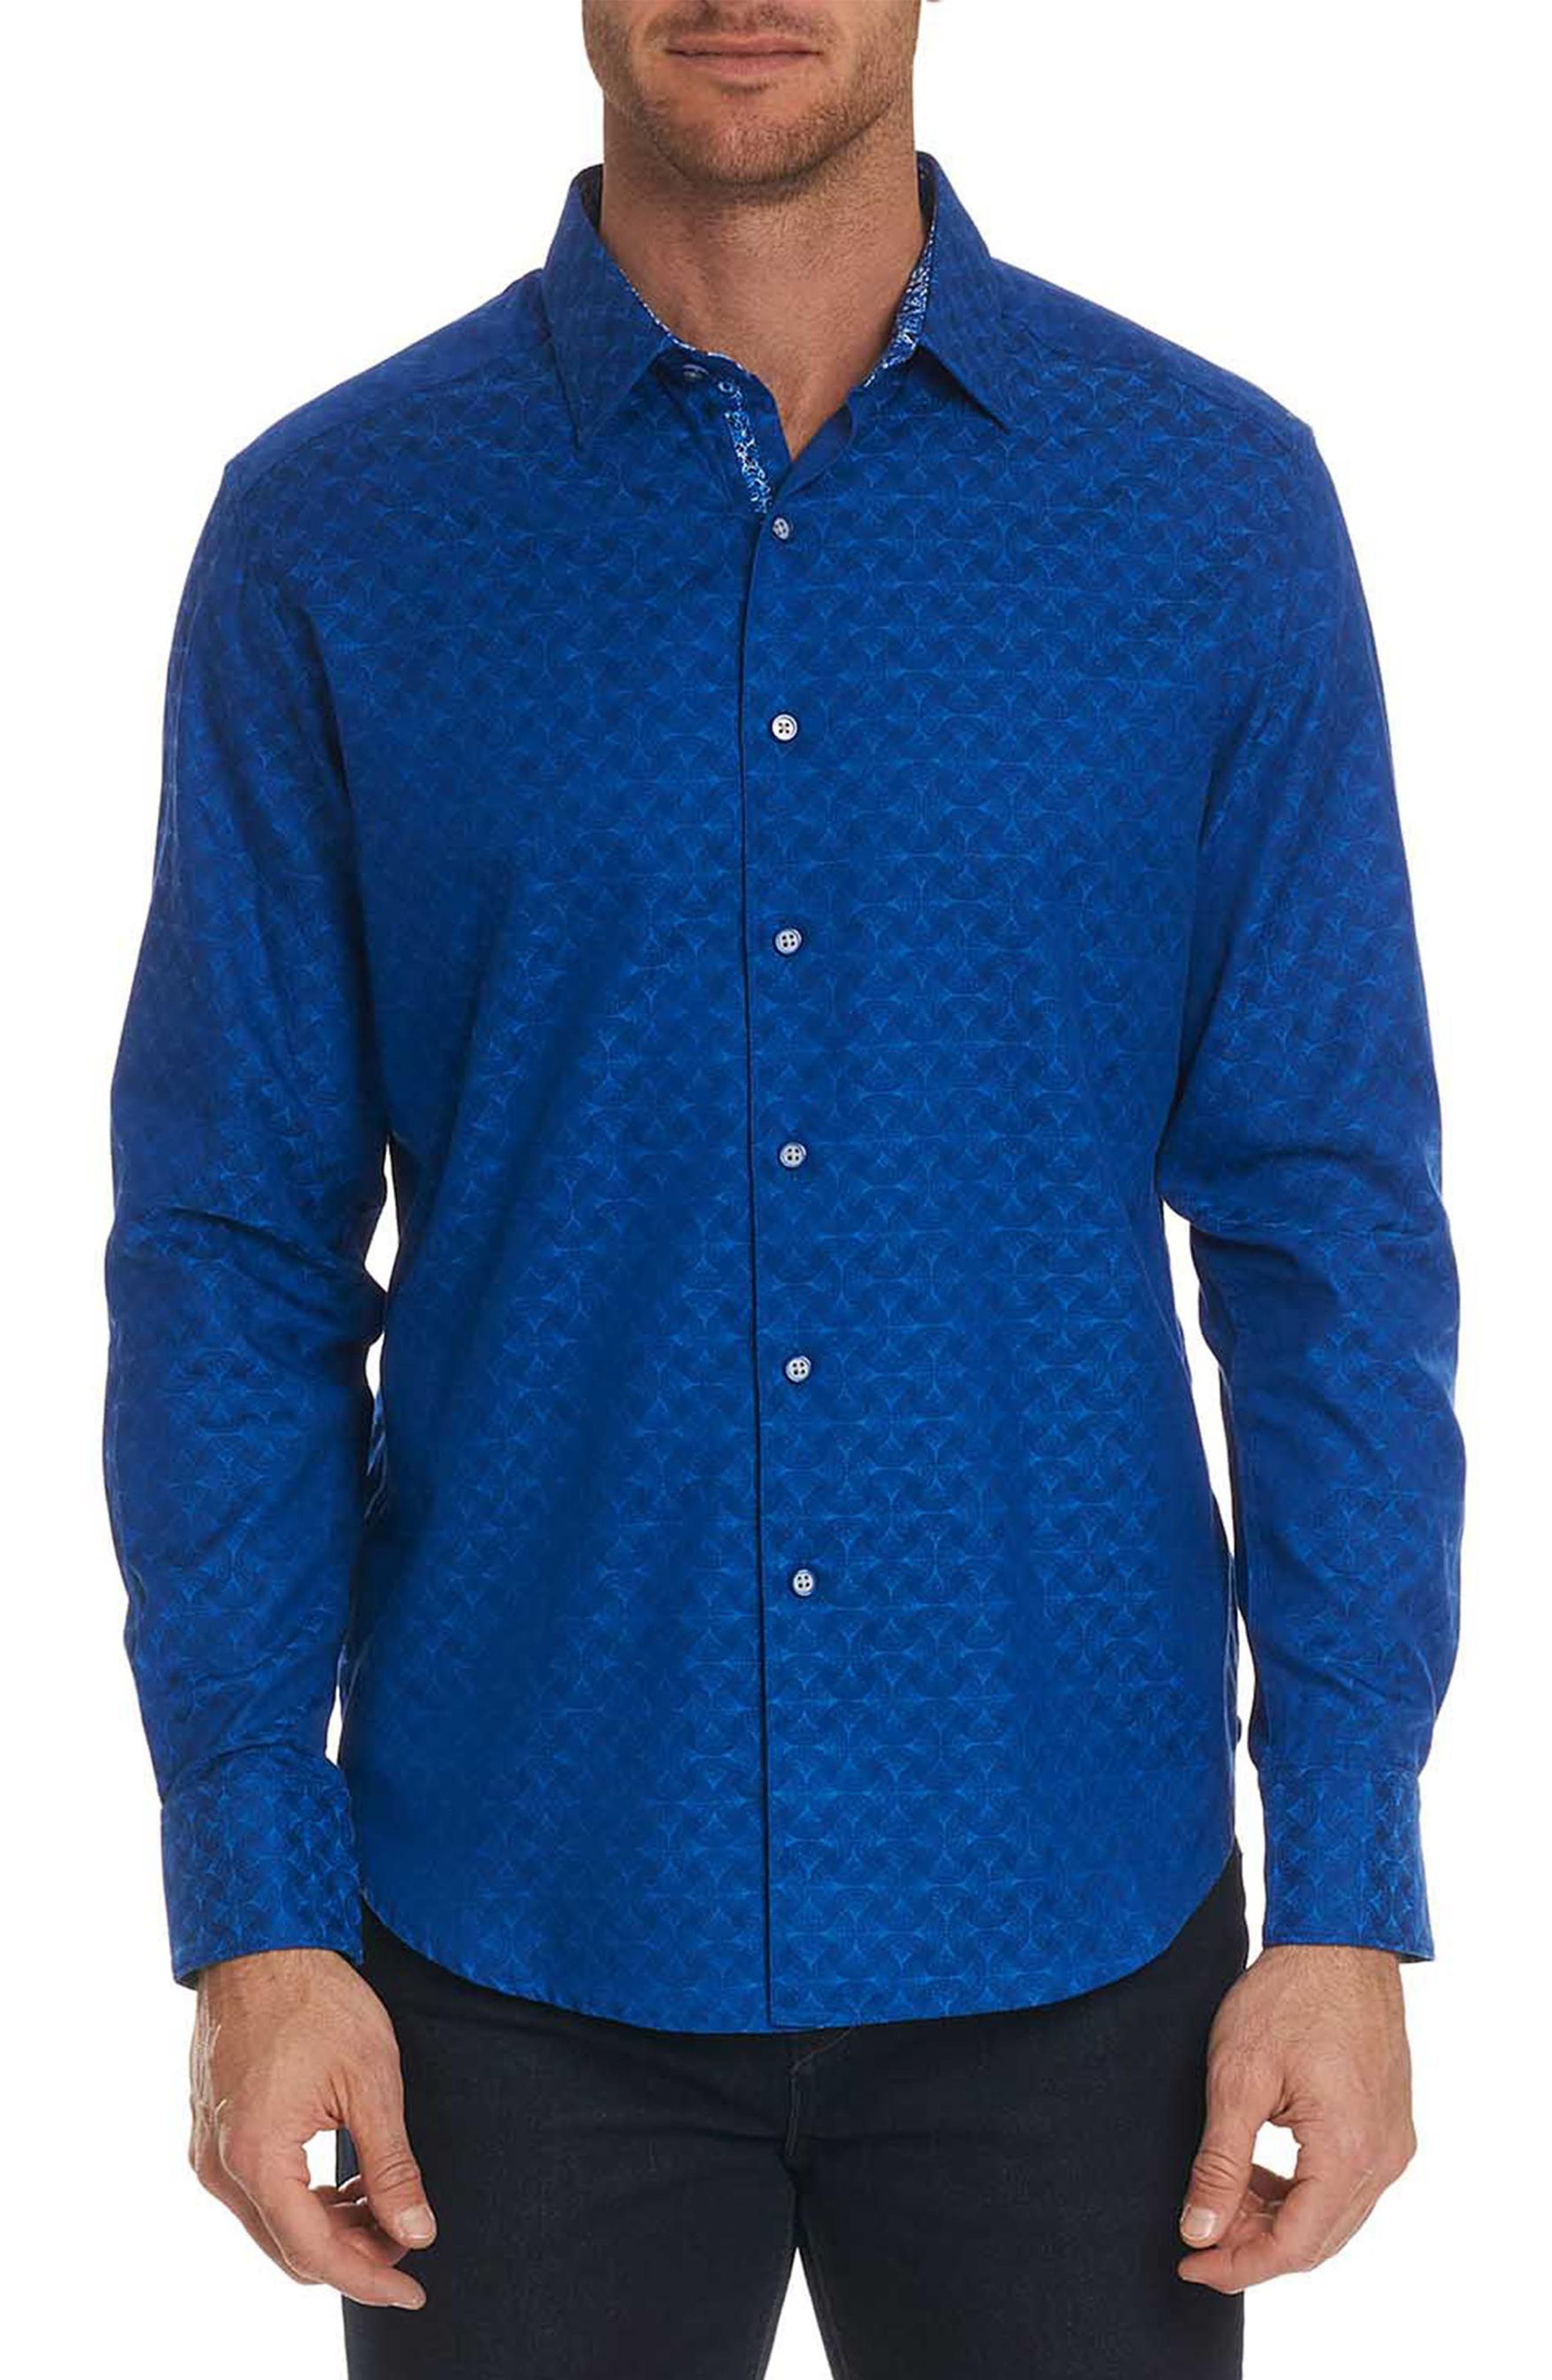 Alternate Image 1 Selected - Robert Graham Diamante Classic Fit Print Sport Shirt